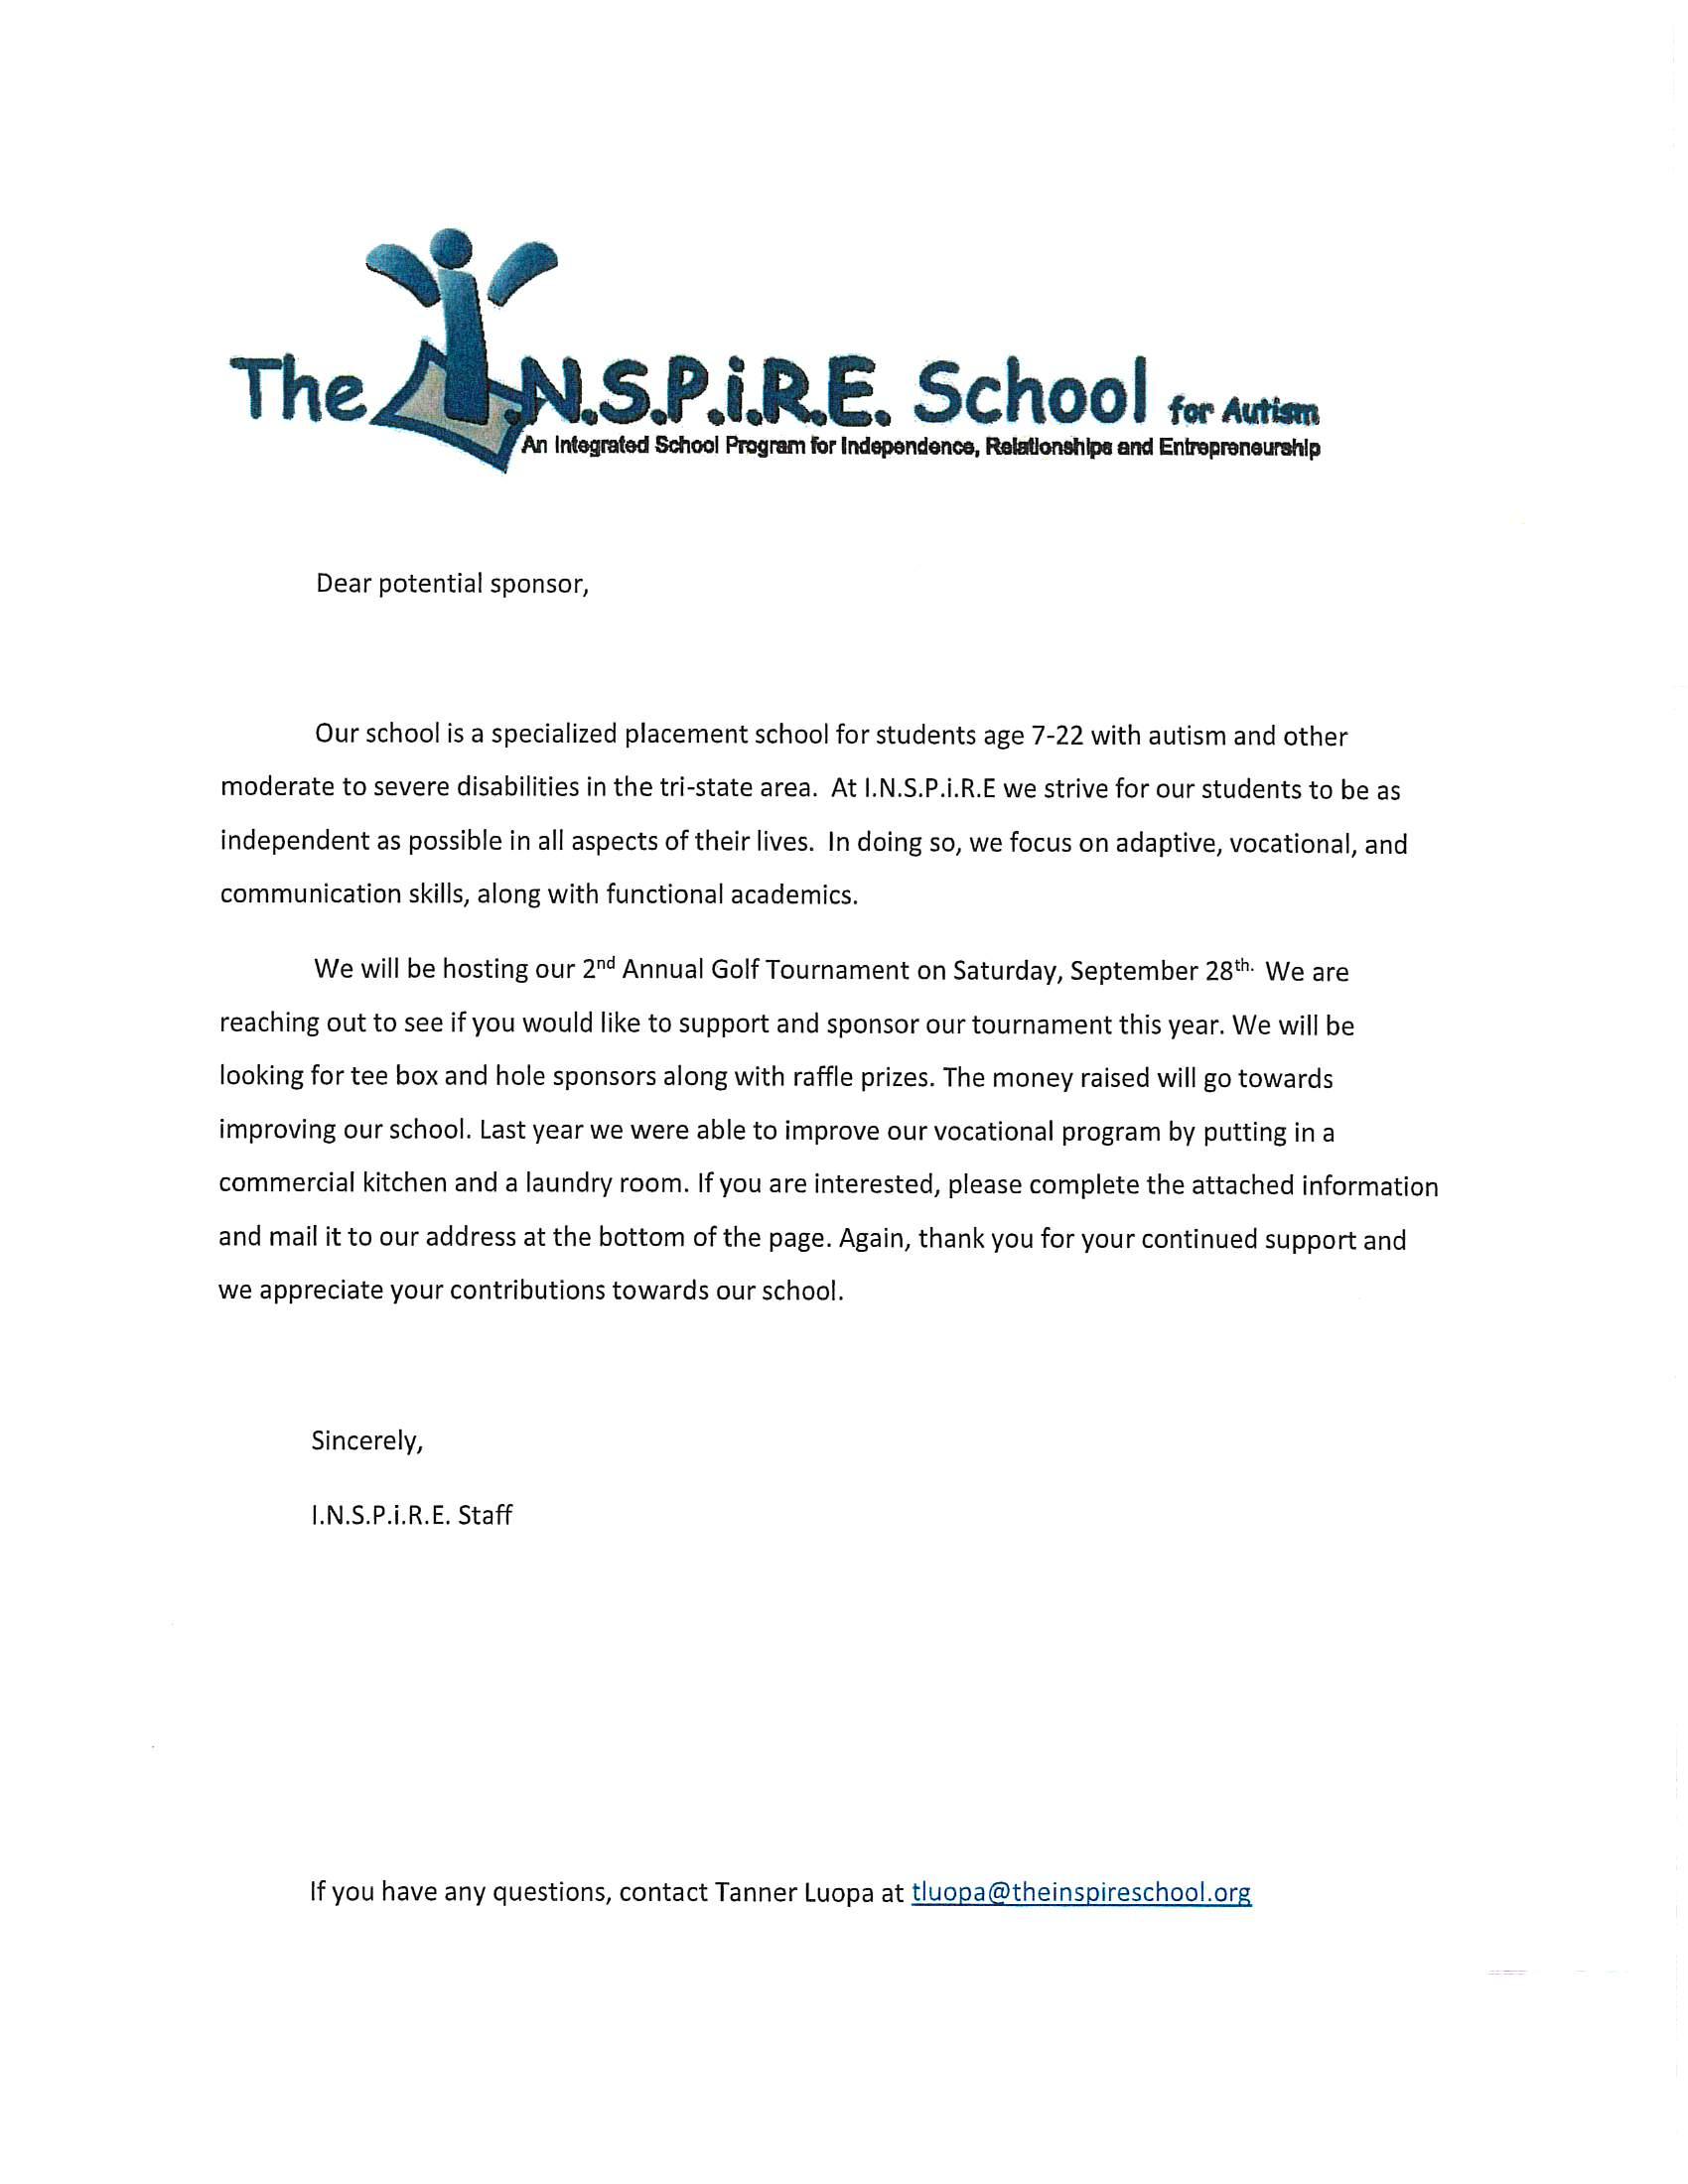 Inspire-Copier_20190724_104350_0000ab146f94_0001